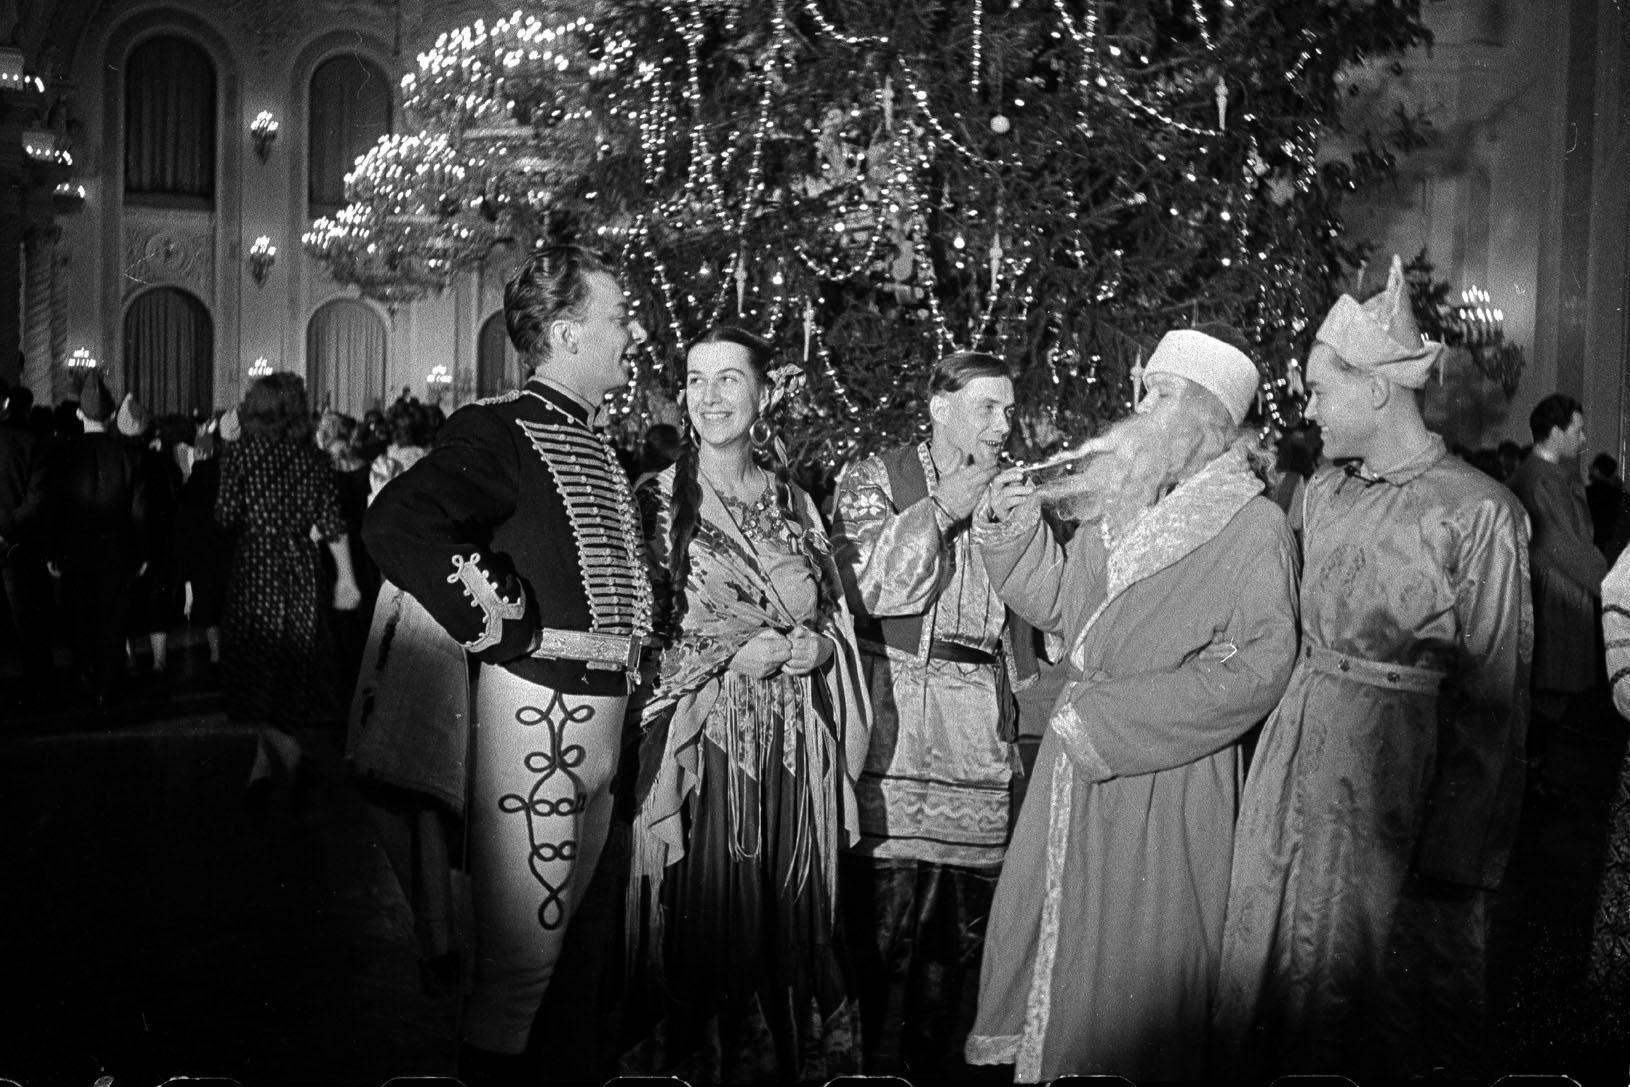 1956. Участники новогоднего бала в Большом Кремлёвском дворце. Автор Б. Ярославцев.